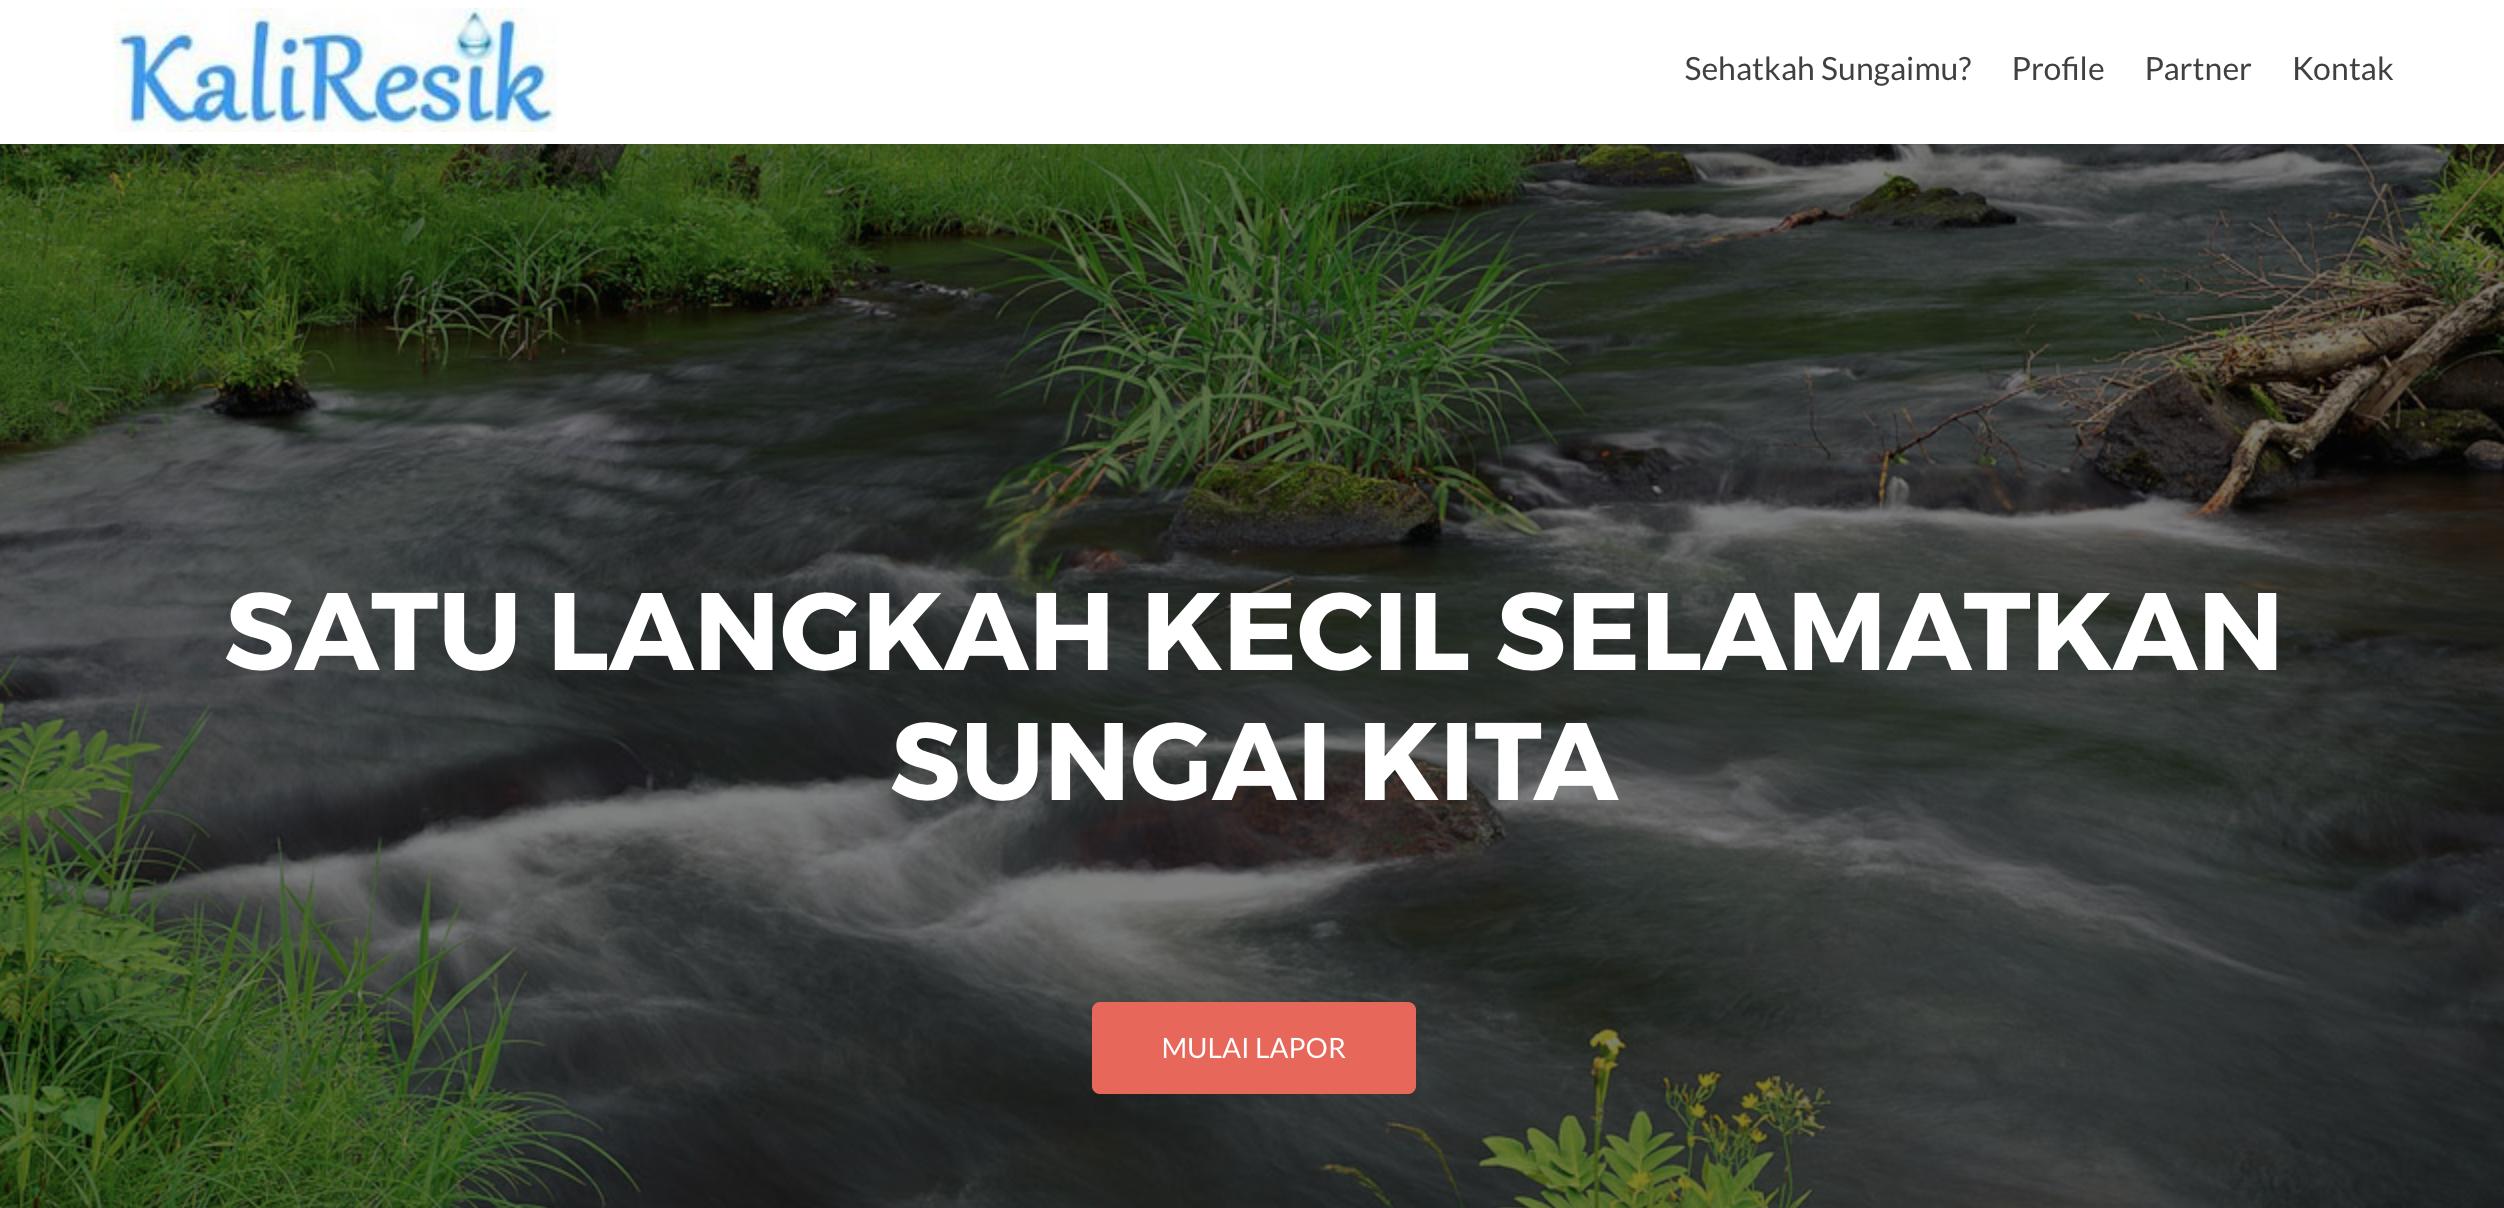 Laporkan Pencemaran Sungai melalui Kaliresik.org